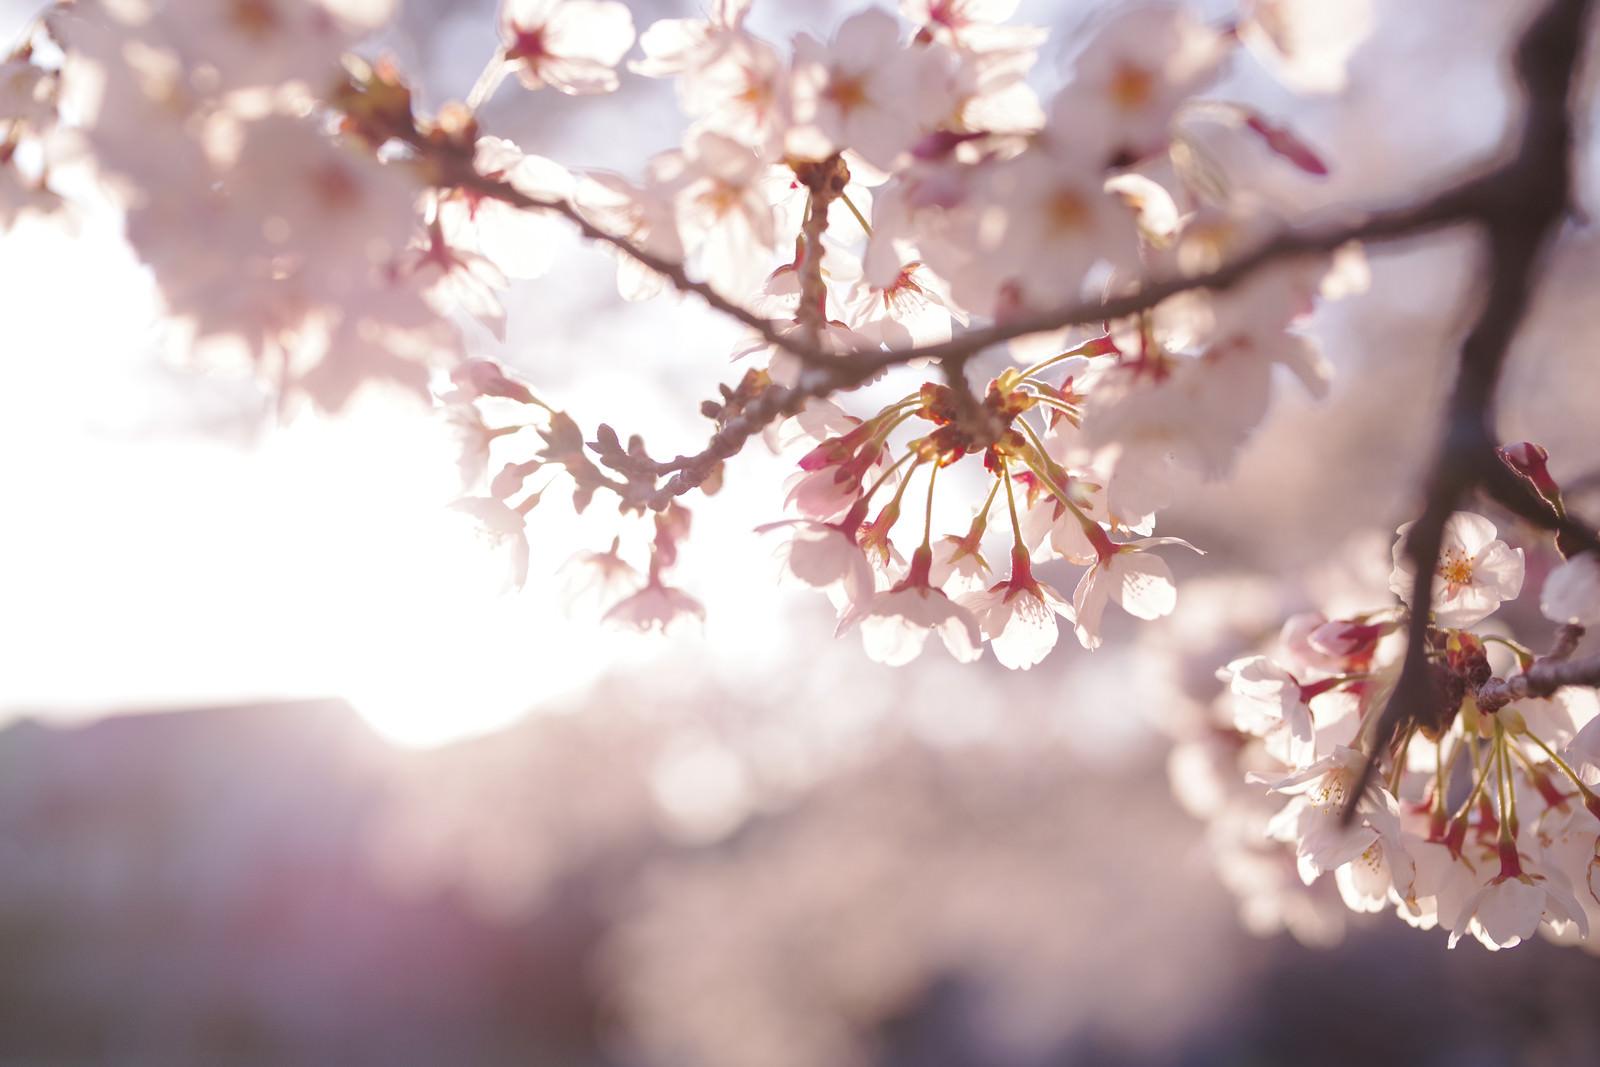 「エモい光に包まれるソメイヨシノ」の写真